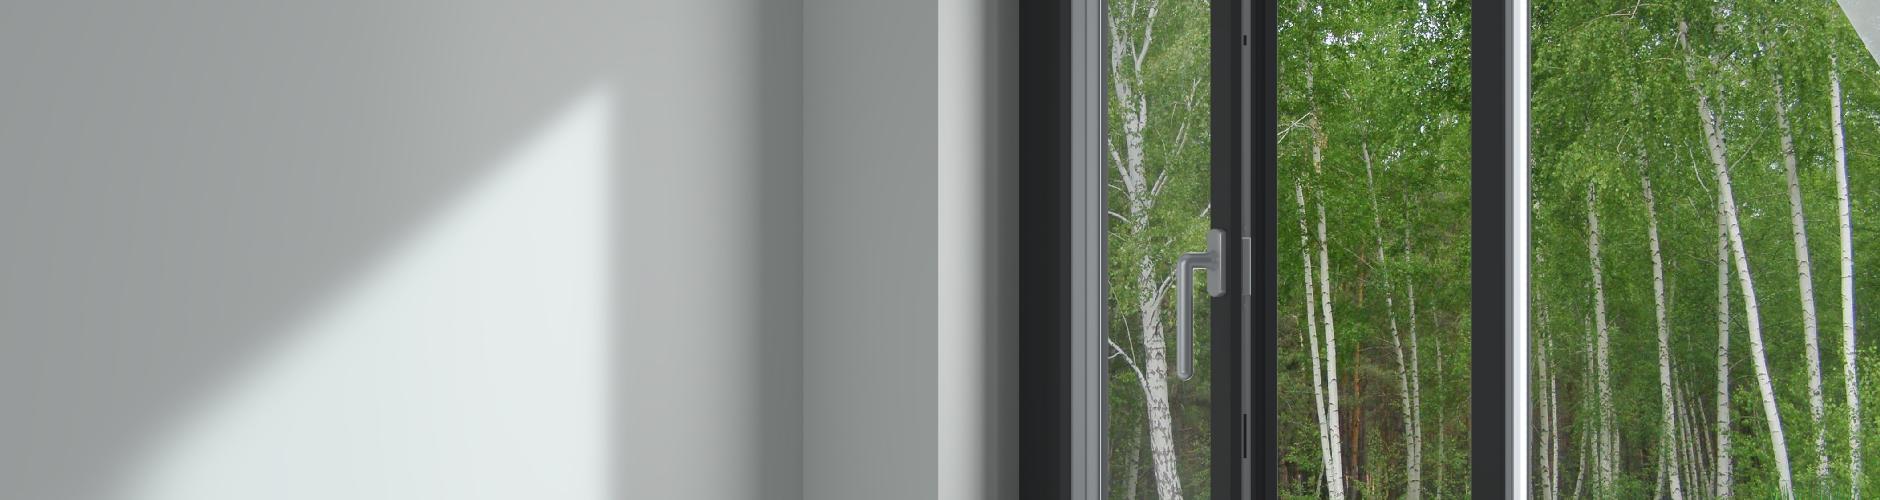 Haus einbruchsicher machen: Fenster